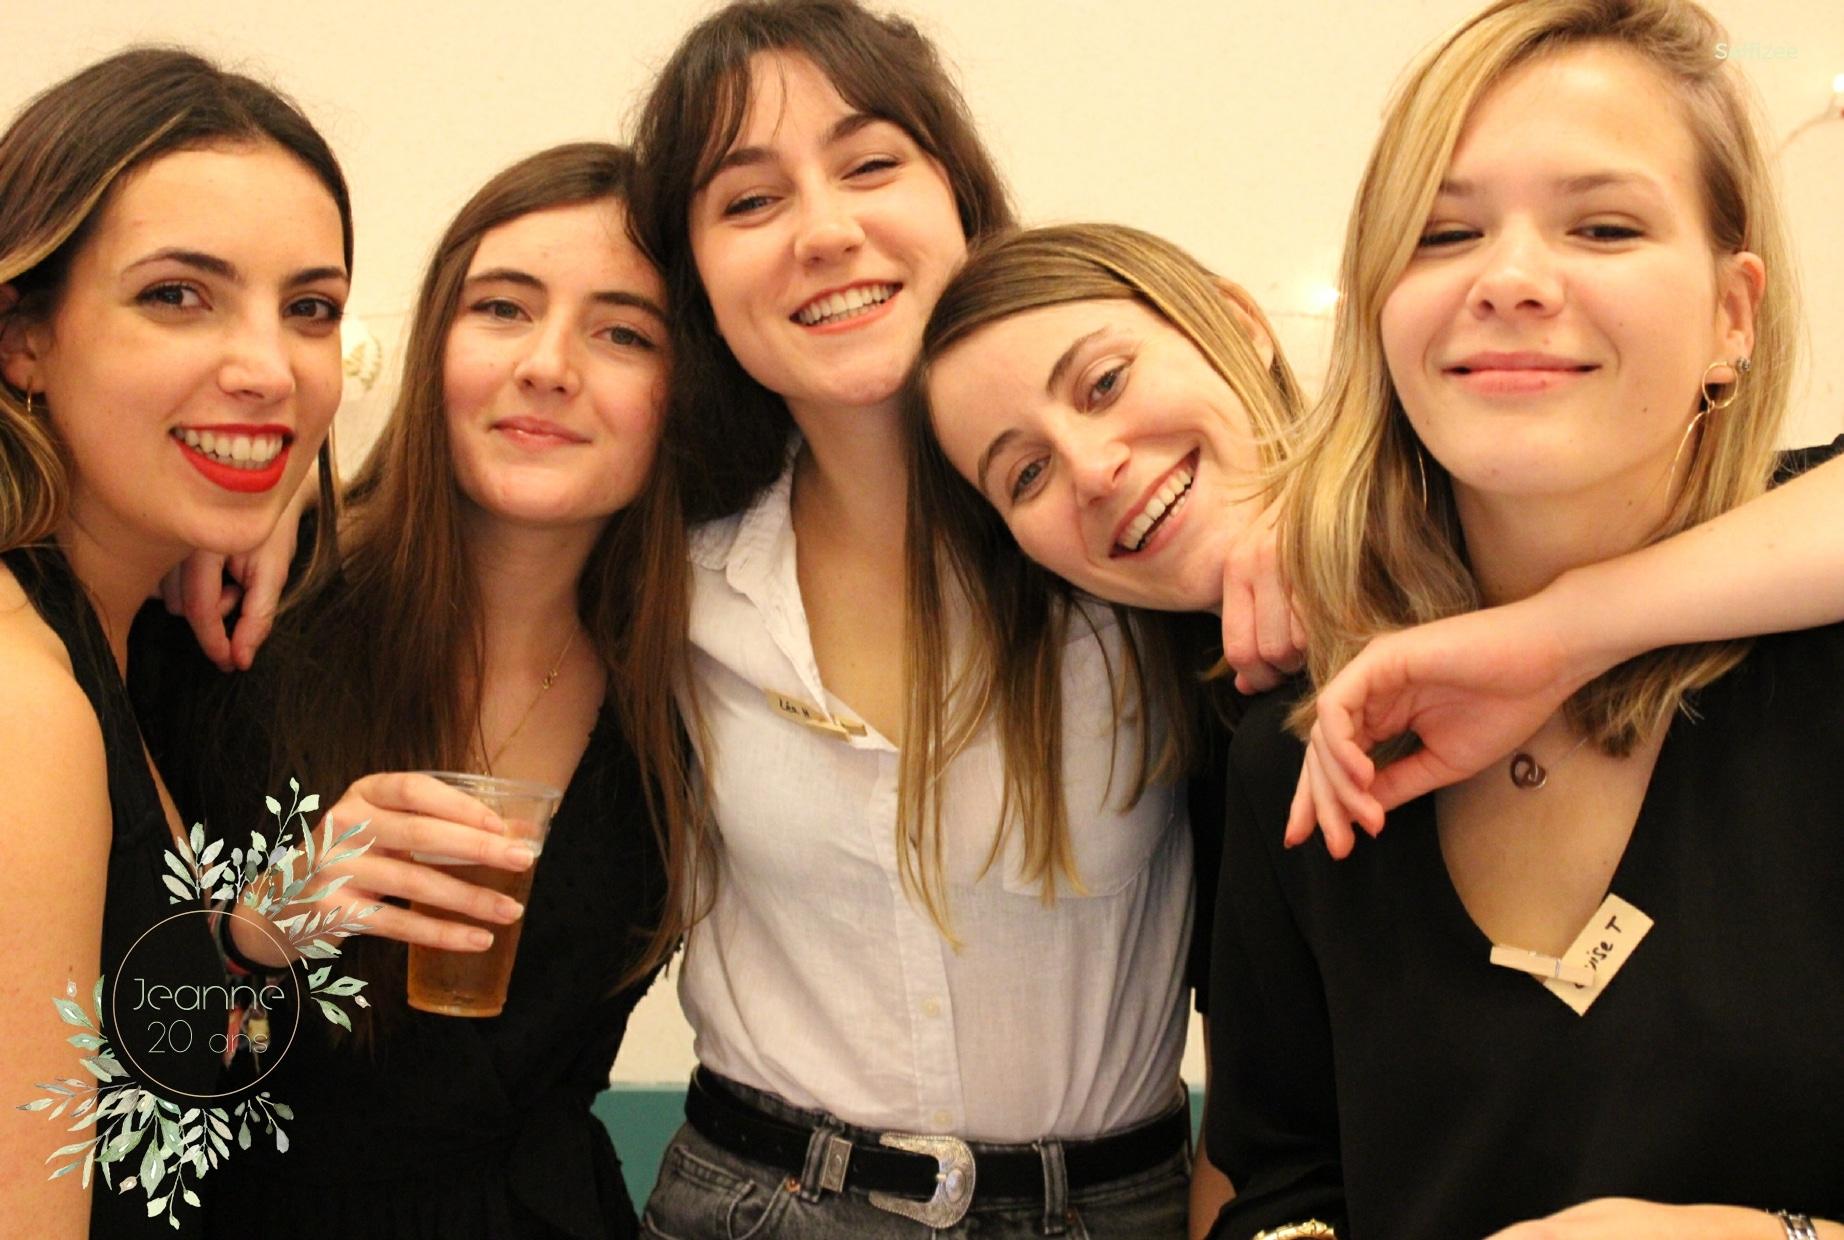 Animation borne photo anniversaire à louer à Saint Brieuc en Côtes d'Armor pour selfies personnalisés et imprimés